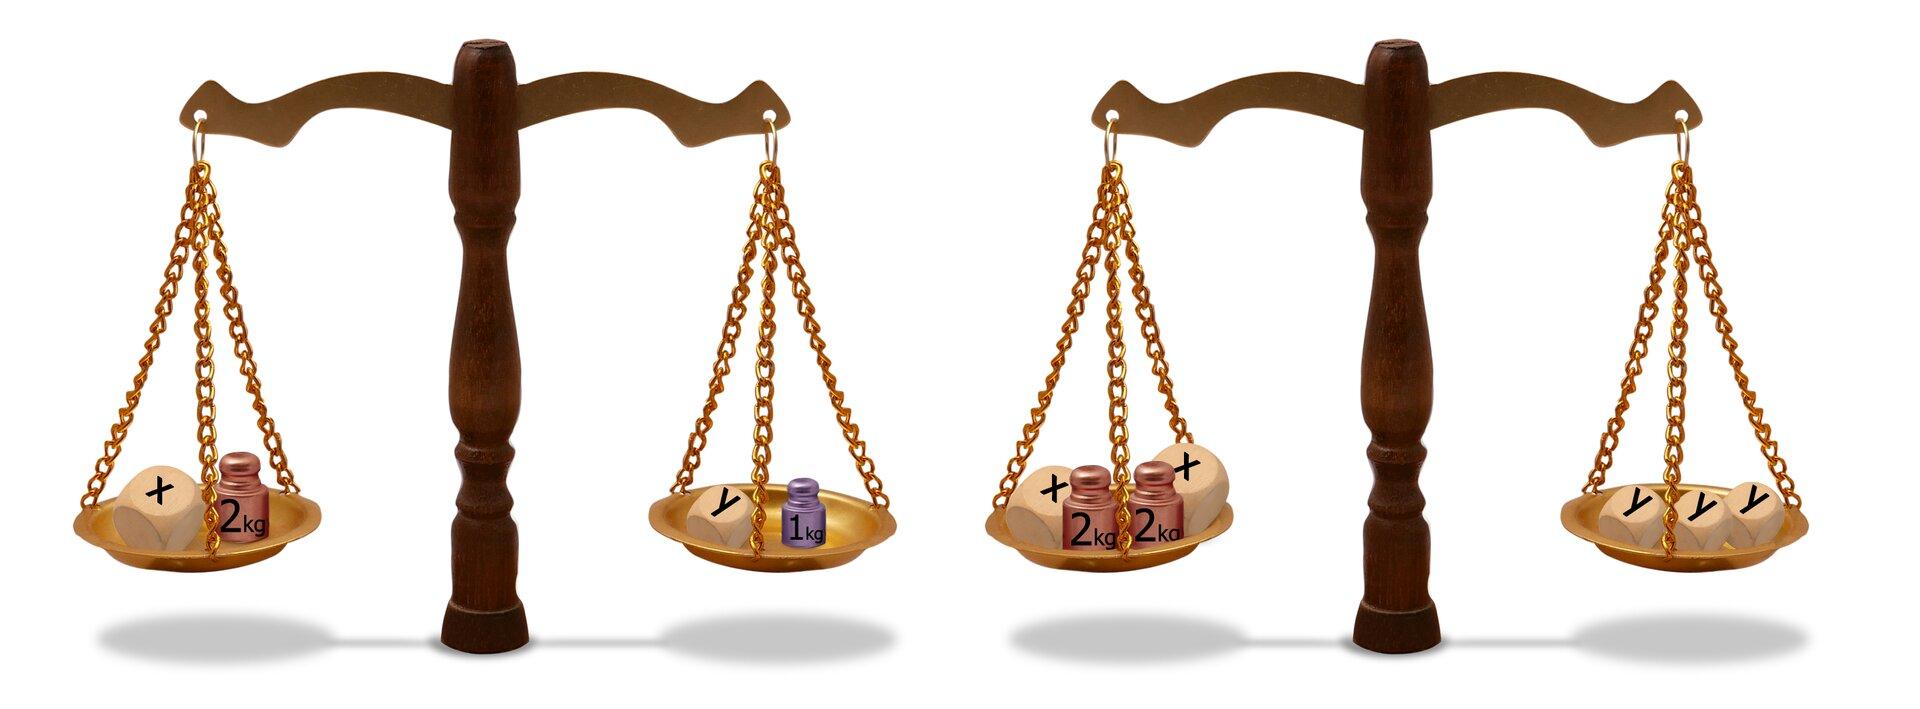 Rysunek dwóch wag. Na pierwszej wadze, na lewej szalce leżą klocek znapisem xiodważnik 2kg, na prawej szalce leżą klocek znapisem yiodważnik 1kg. Na drugiej wadze, na lewej szalce leżą dwa klocki znapisem xidwa odważniki po 2kg, na prawej szalce leżą 3 klocki znapisem y. Klocek znapisem xjest większy niż klocek znapisem y.